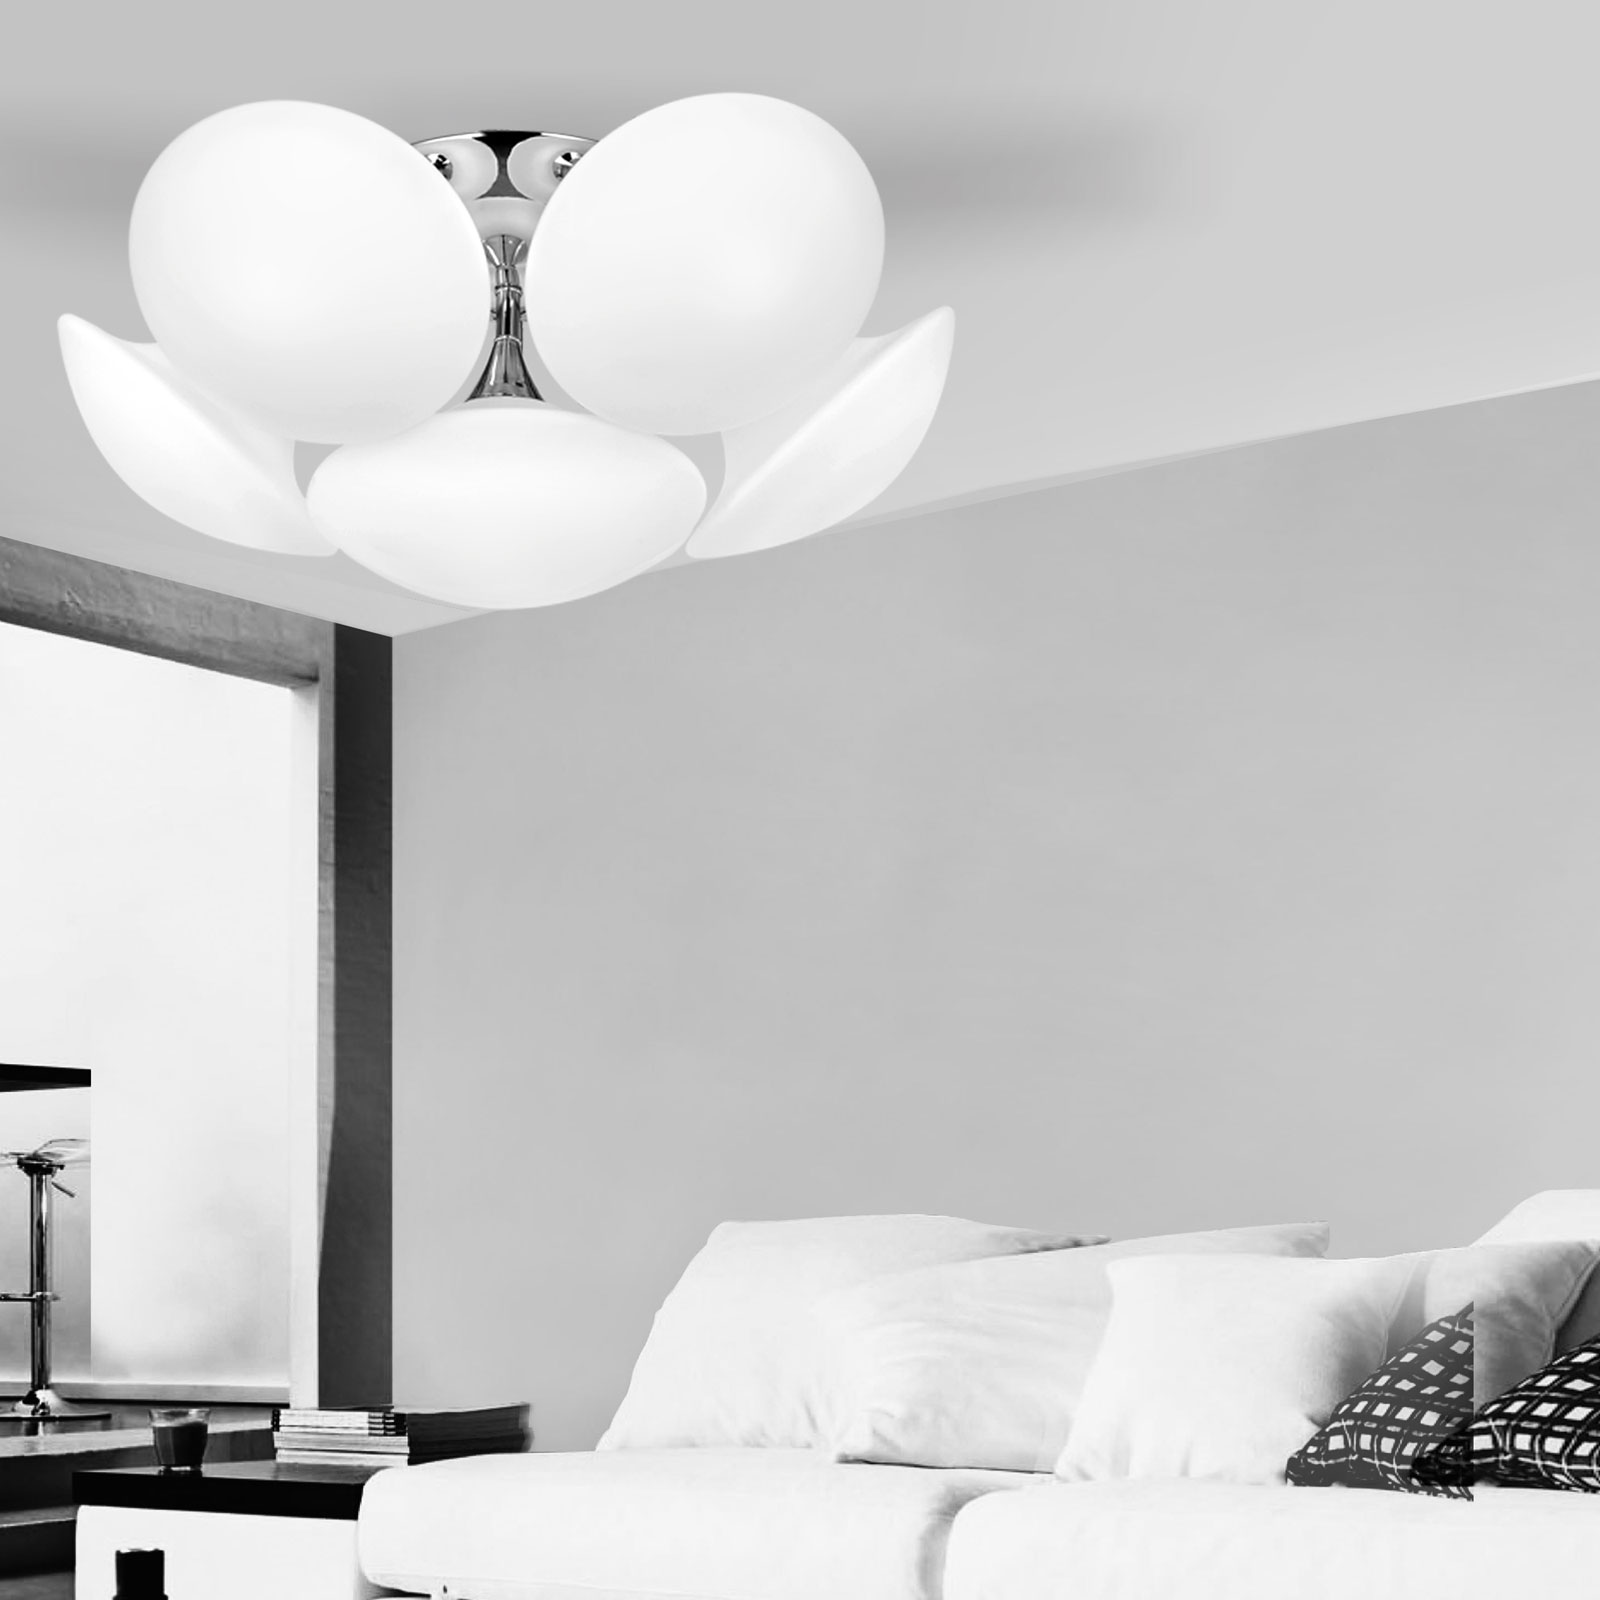 Full Size of Design Led Deckenlampe 6 Falmmig Deckenleuchte Wohnzimmer Glas Panel Küche Büffelleder Sofa Einbauleuchten Bad Spiegelschrank Lampen Spot Garten Leder Braun Wohnzimmer Led Wohnzimmerlampe